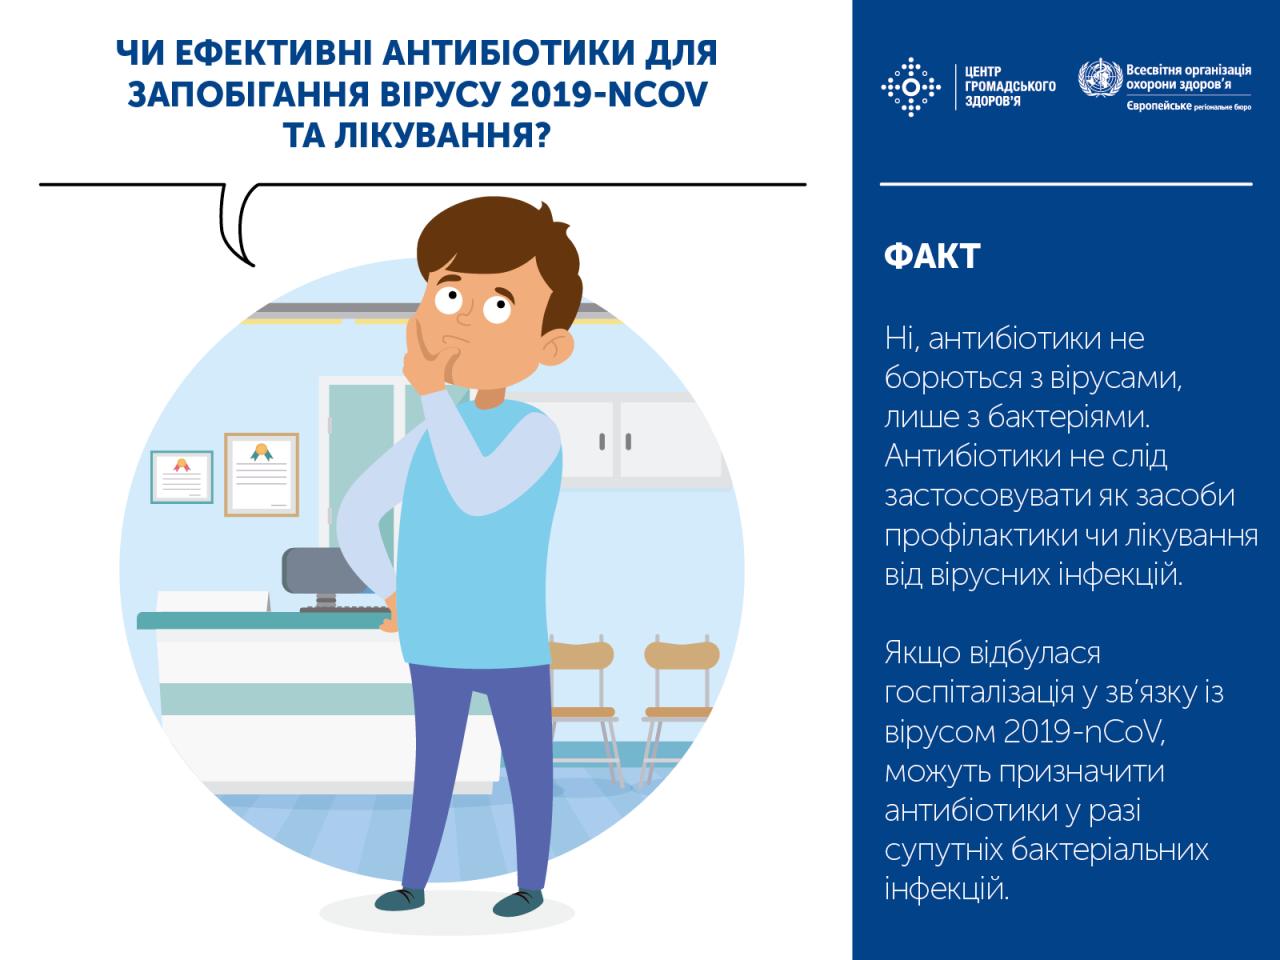 http://dunrada.gov.ua/uploadfile/archive_news/2020/03/16/2020-03-16_803/images/images-31816.png